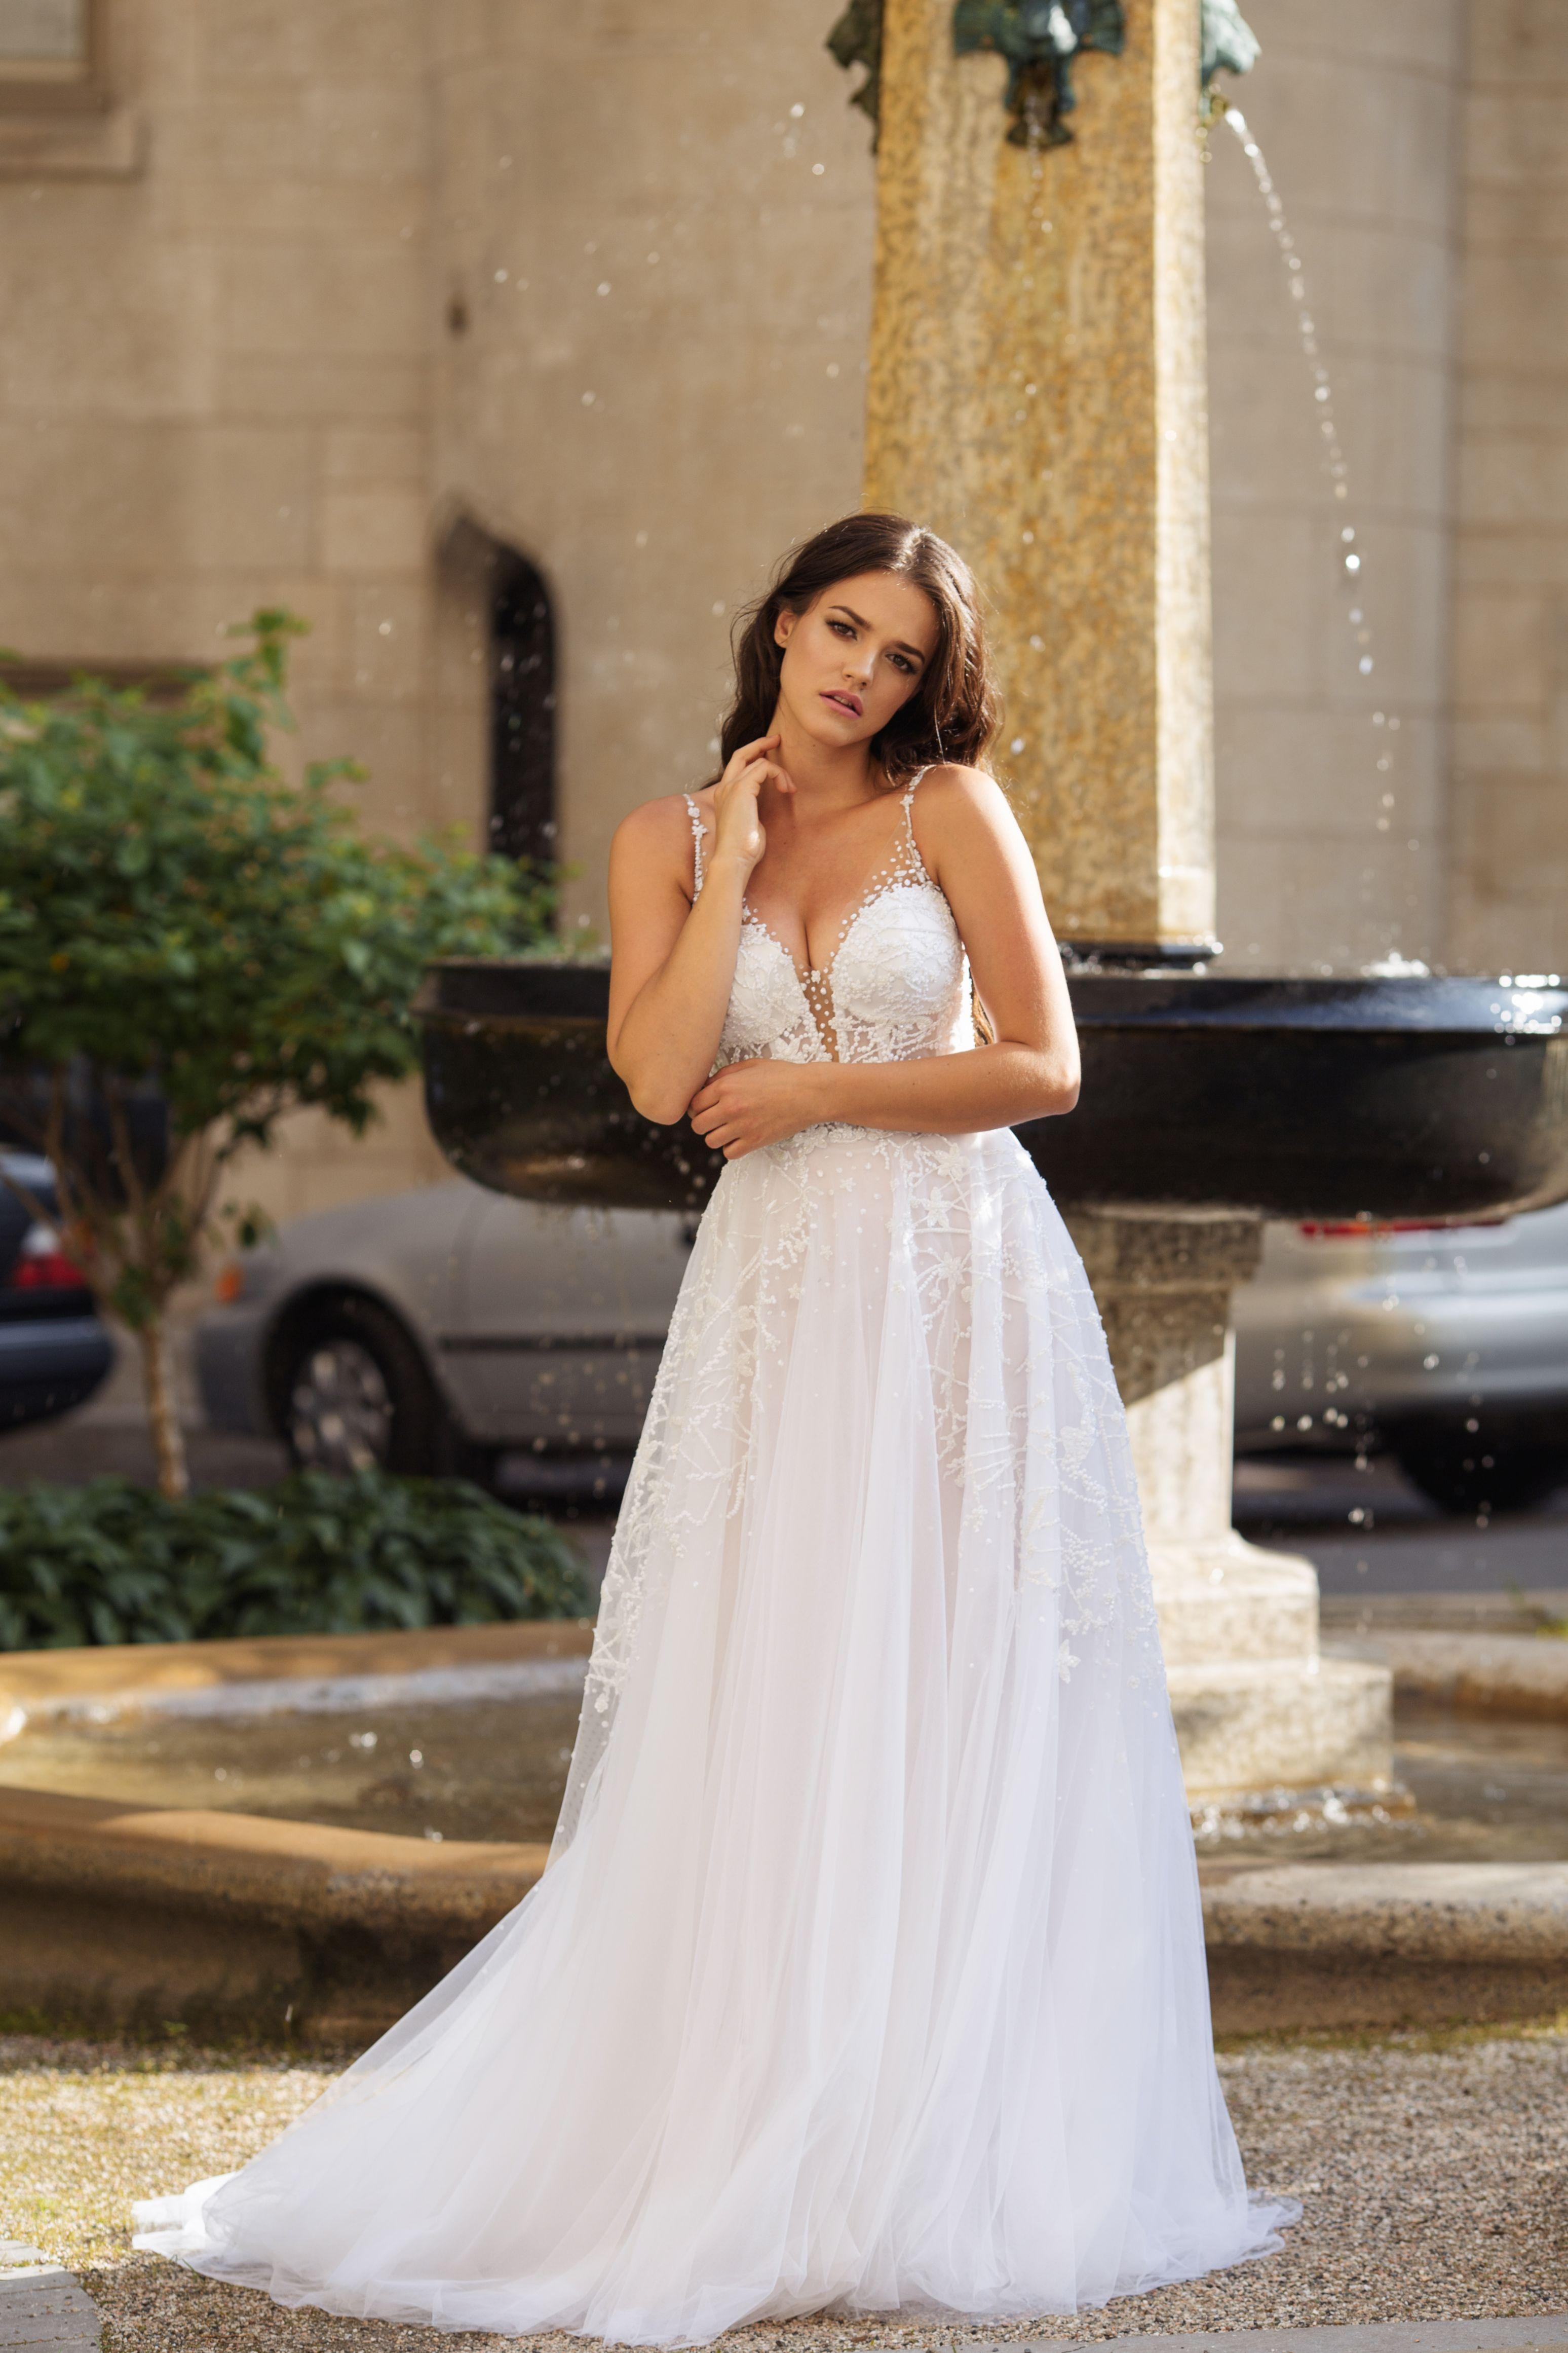 robe de mariee poudre avec dentelle perlee moderne lilia haute couture robes de mariee sur mesure montreal